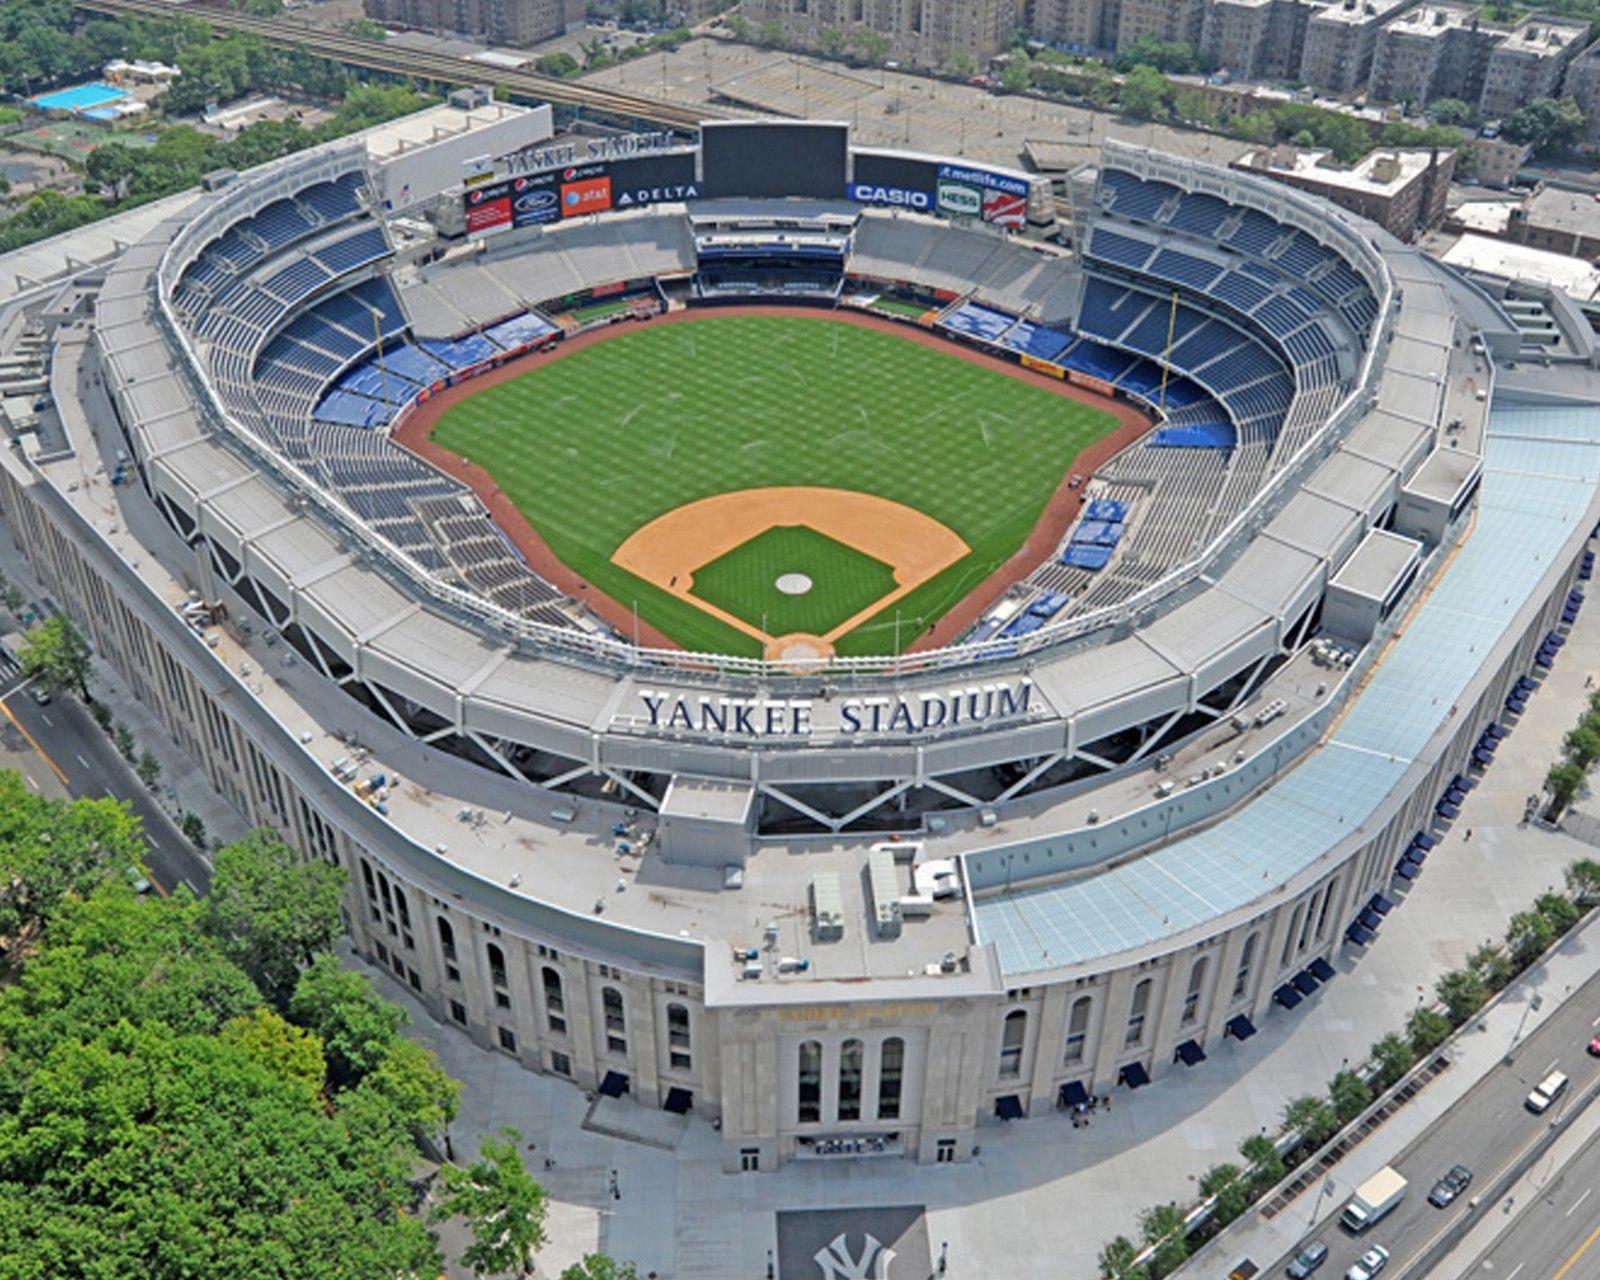 Details About Yankee Stadium New York City 8x10 High Quality Photo Picture Stadium Pics Yankee Stadium Stadium